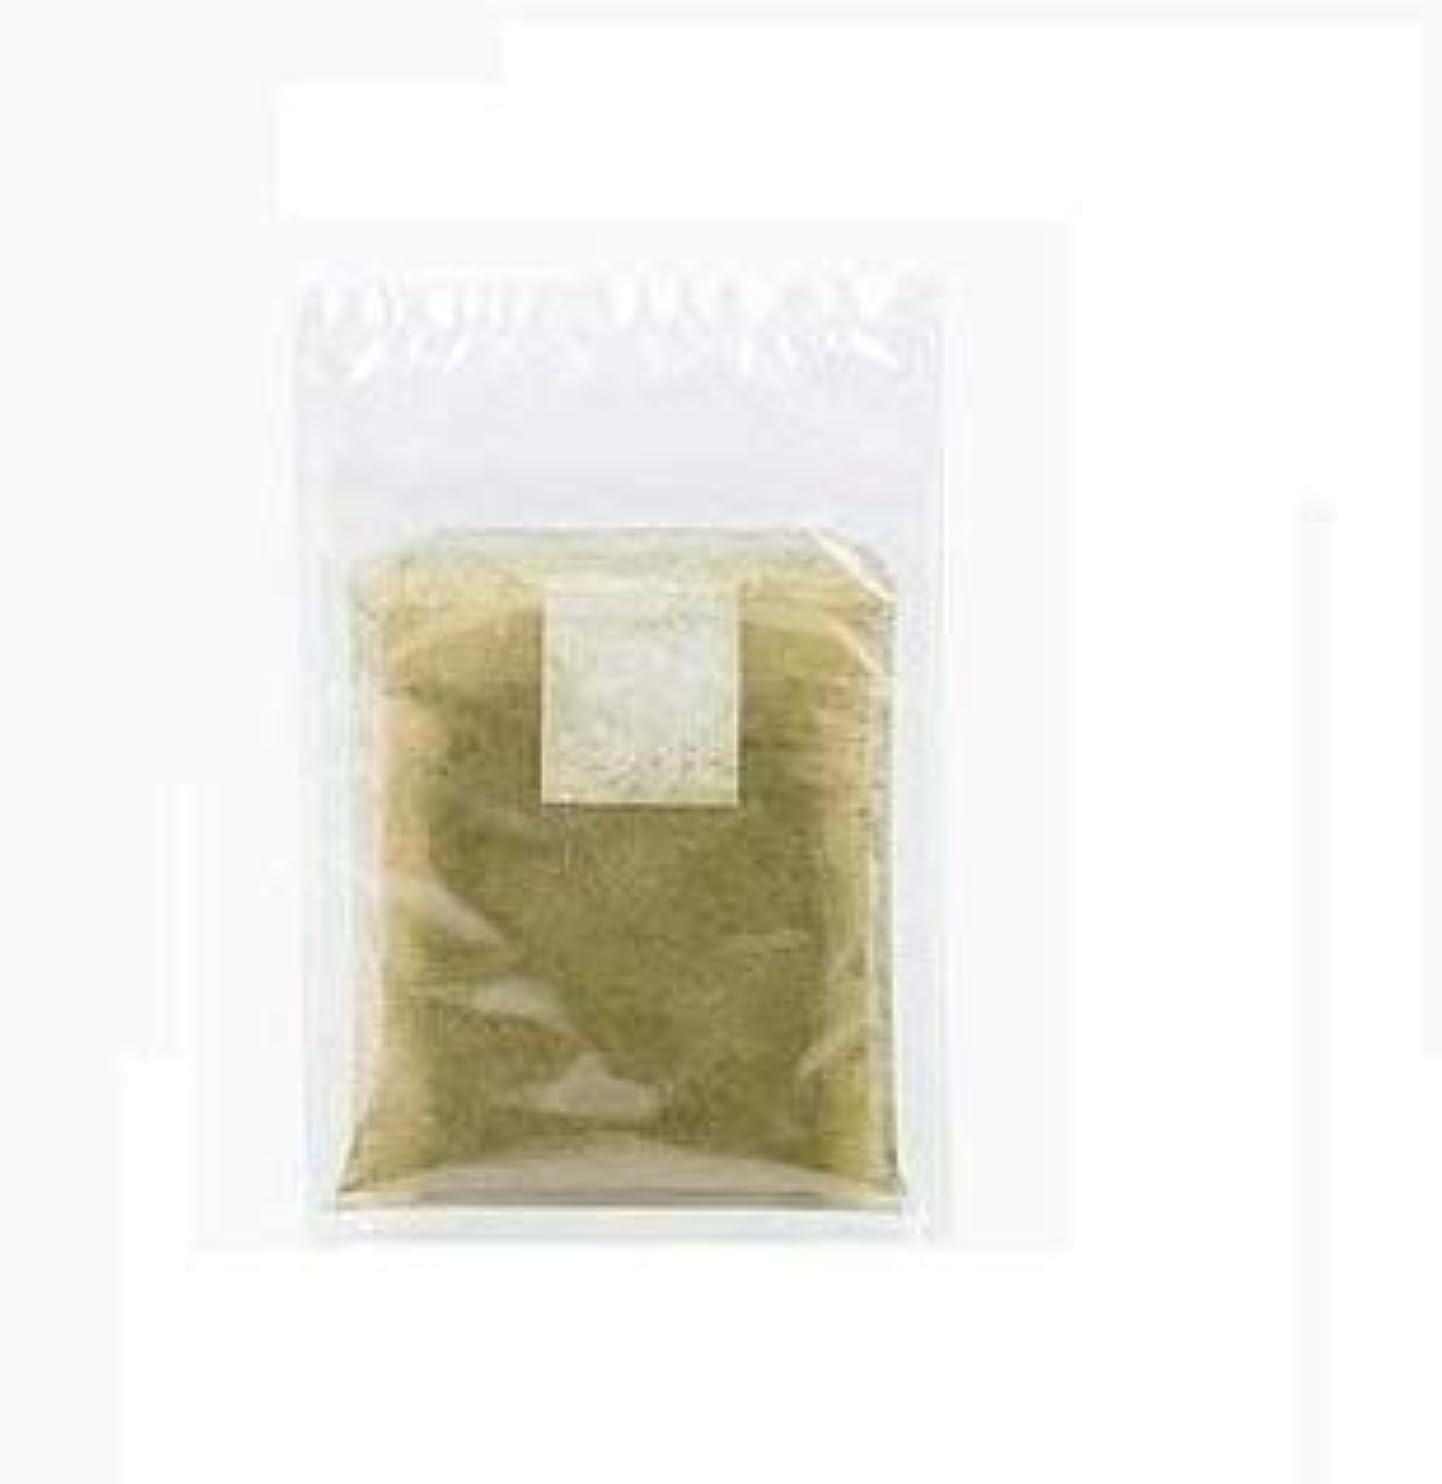 泥沼拮抗するお勧めメール便 美身麗茶 びしんれいちゃ 3g×15包 アップルティー味 ダイエット 健康茶 オーガニック デトックス スリム ヘルシー 美容 スリムボディ 日本製